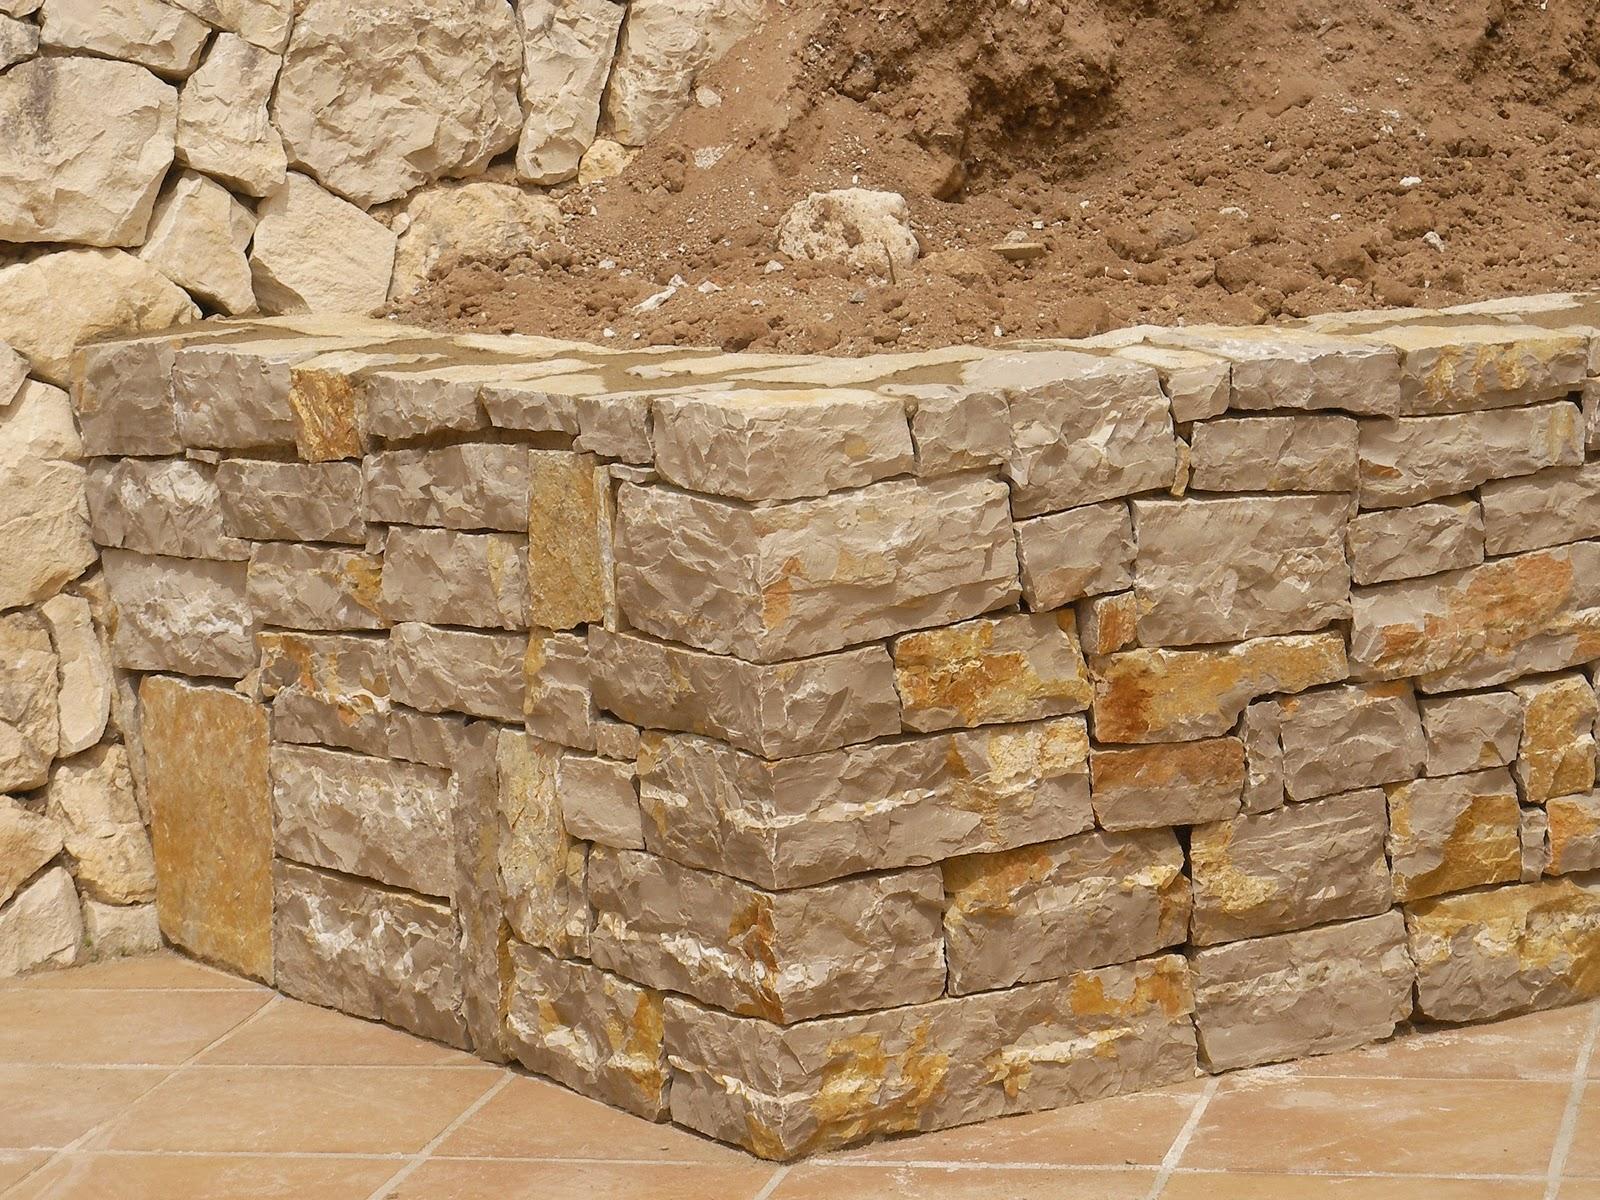 Ideagarden construccion de jardinera de piedra - Piedras para construccion ...